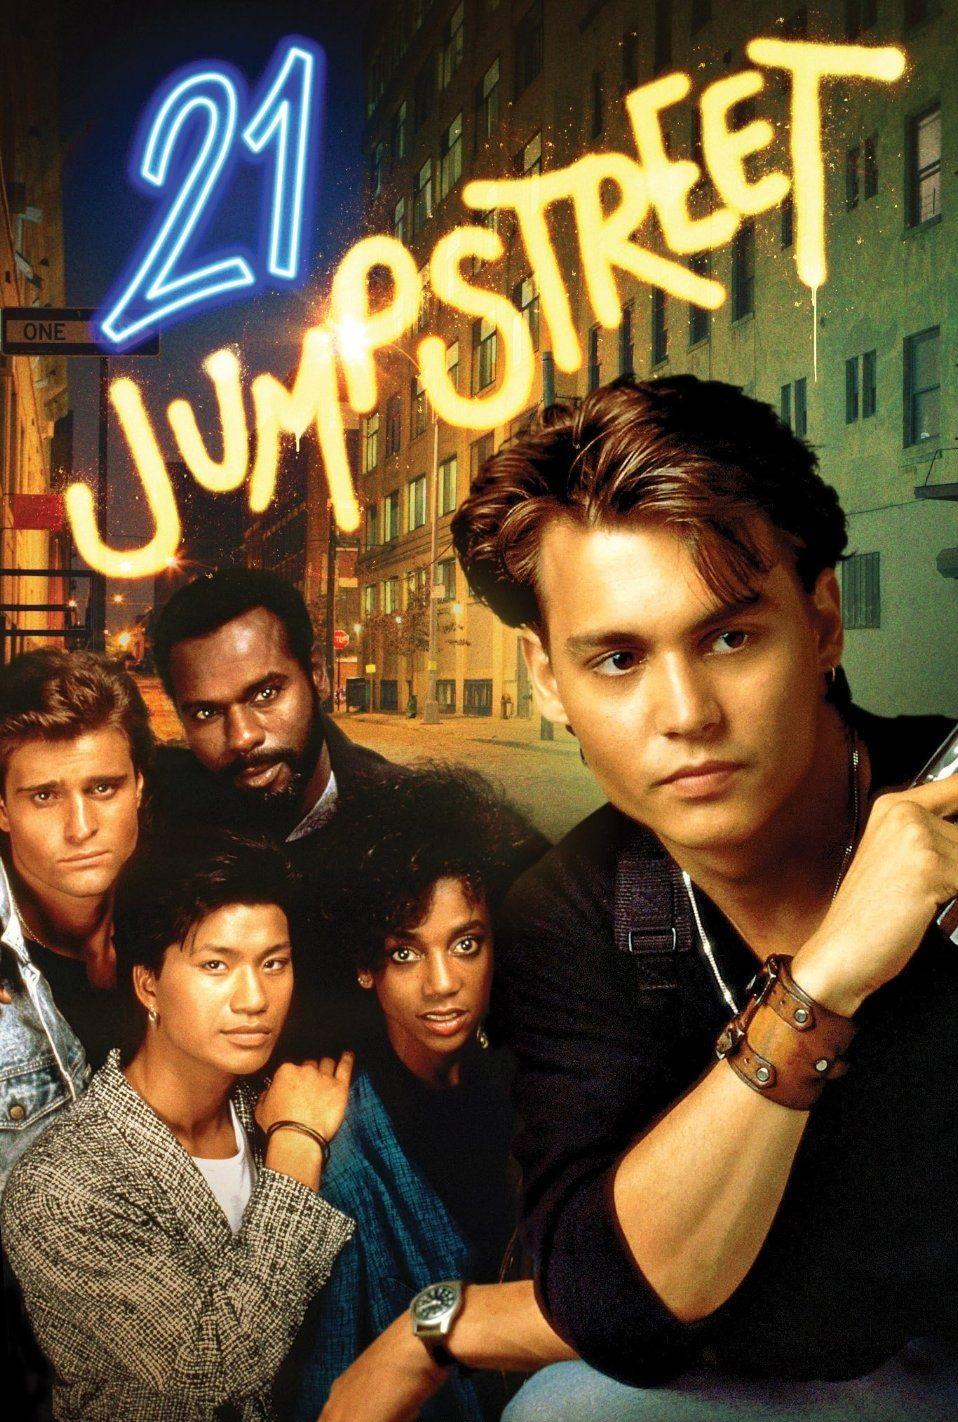 80a19a345a8 21 Jump Street (TV Series 1987–1991) - IMDb